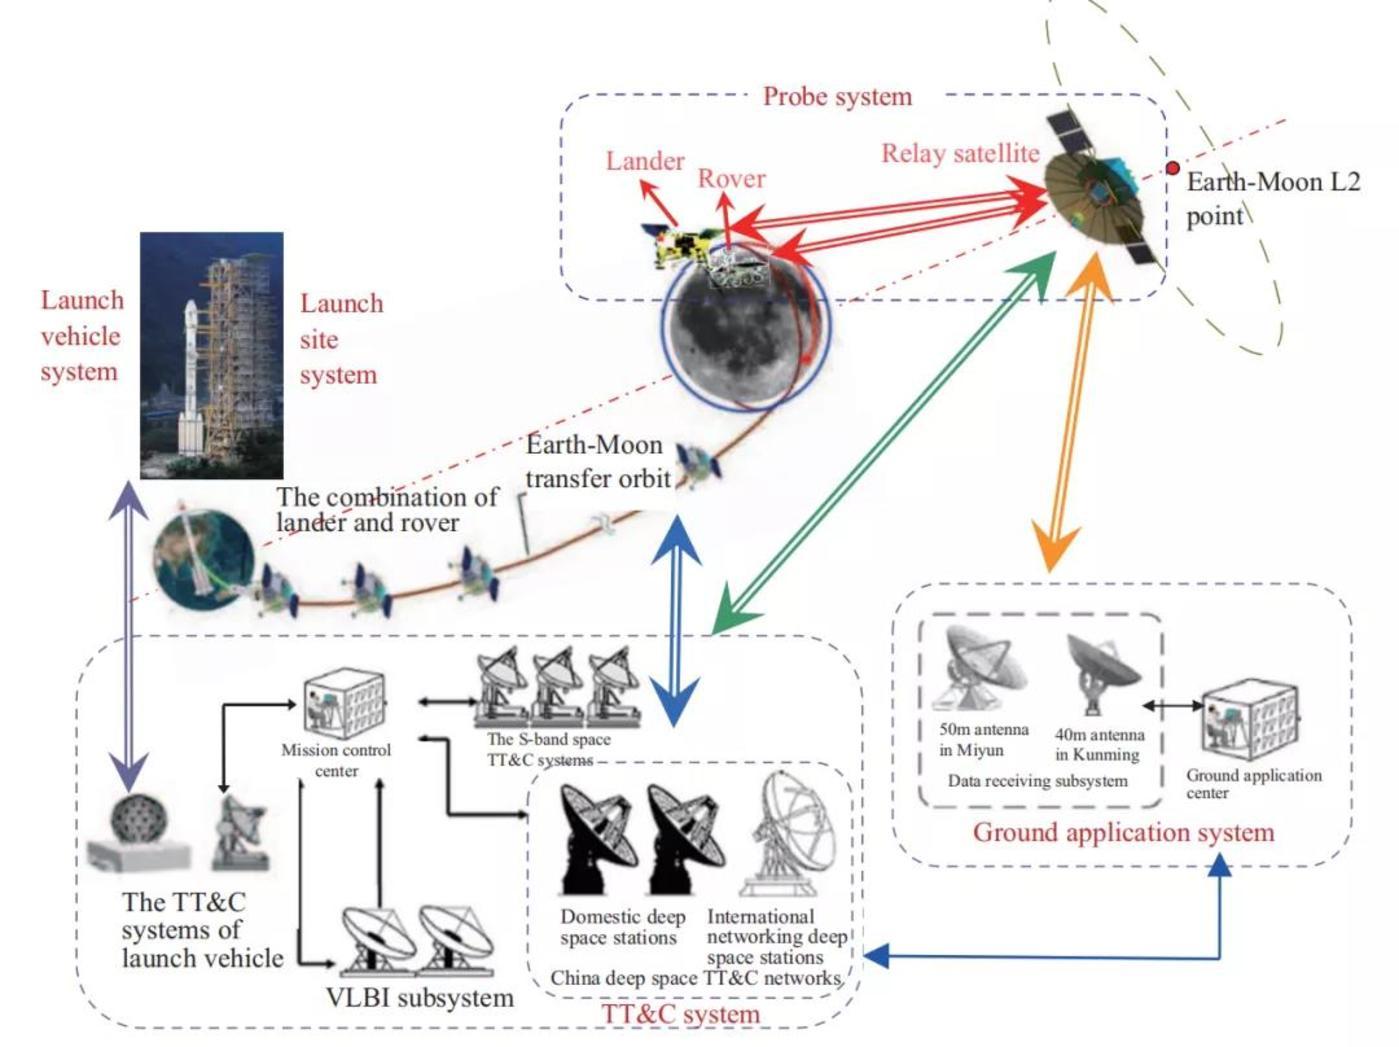 图:嫦娥四号的五个附属工程系统示意图(来源:论文)